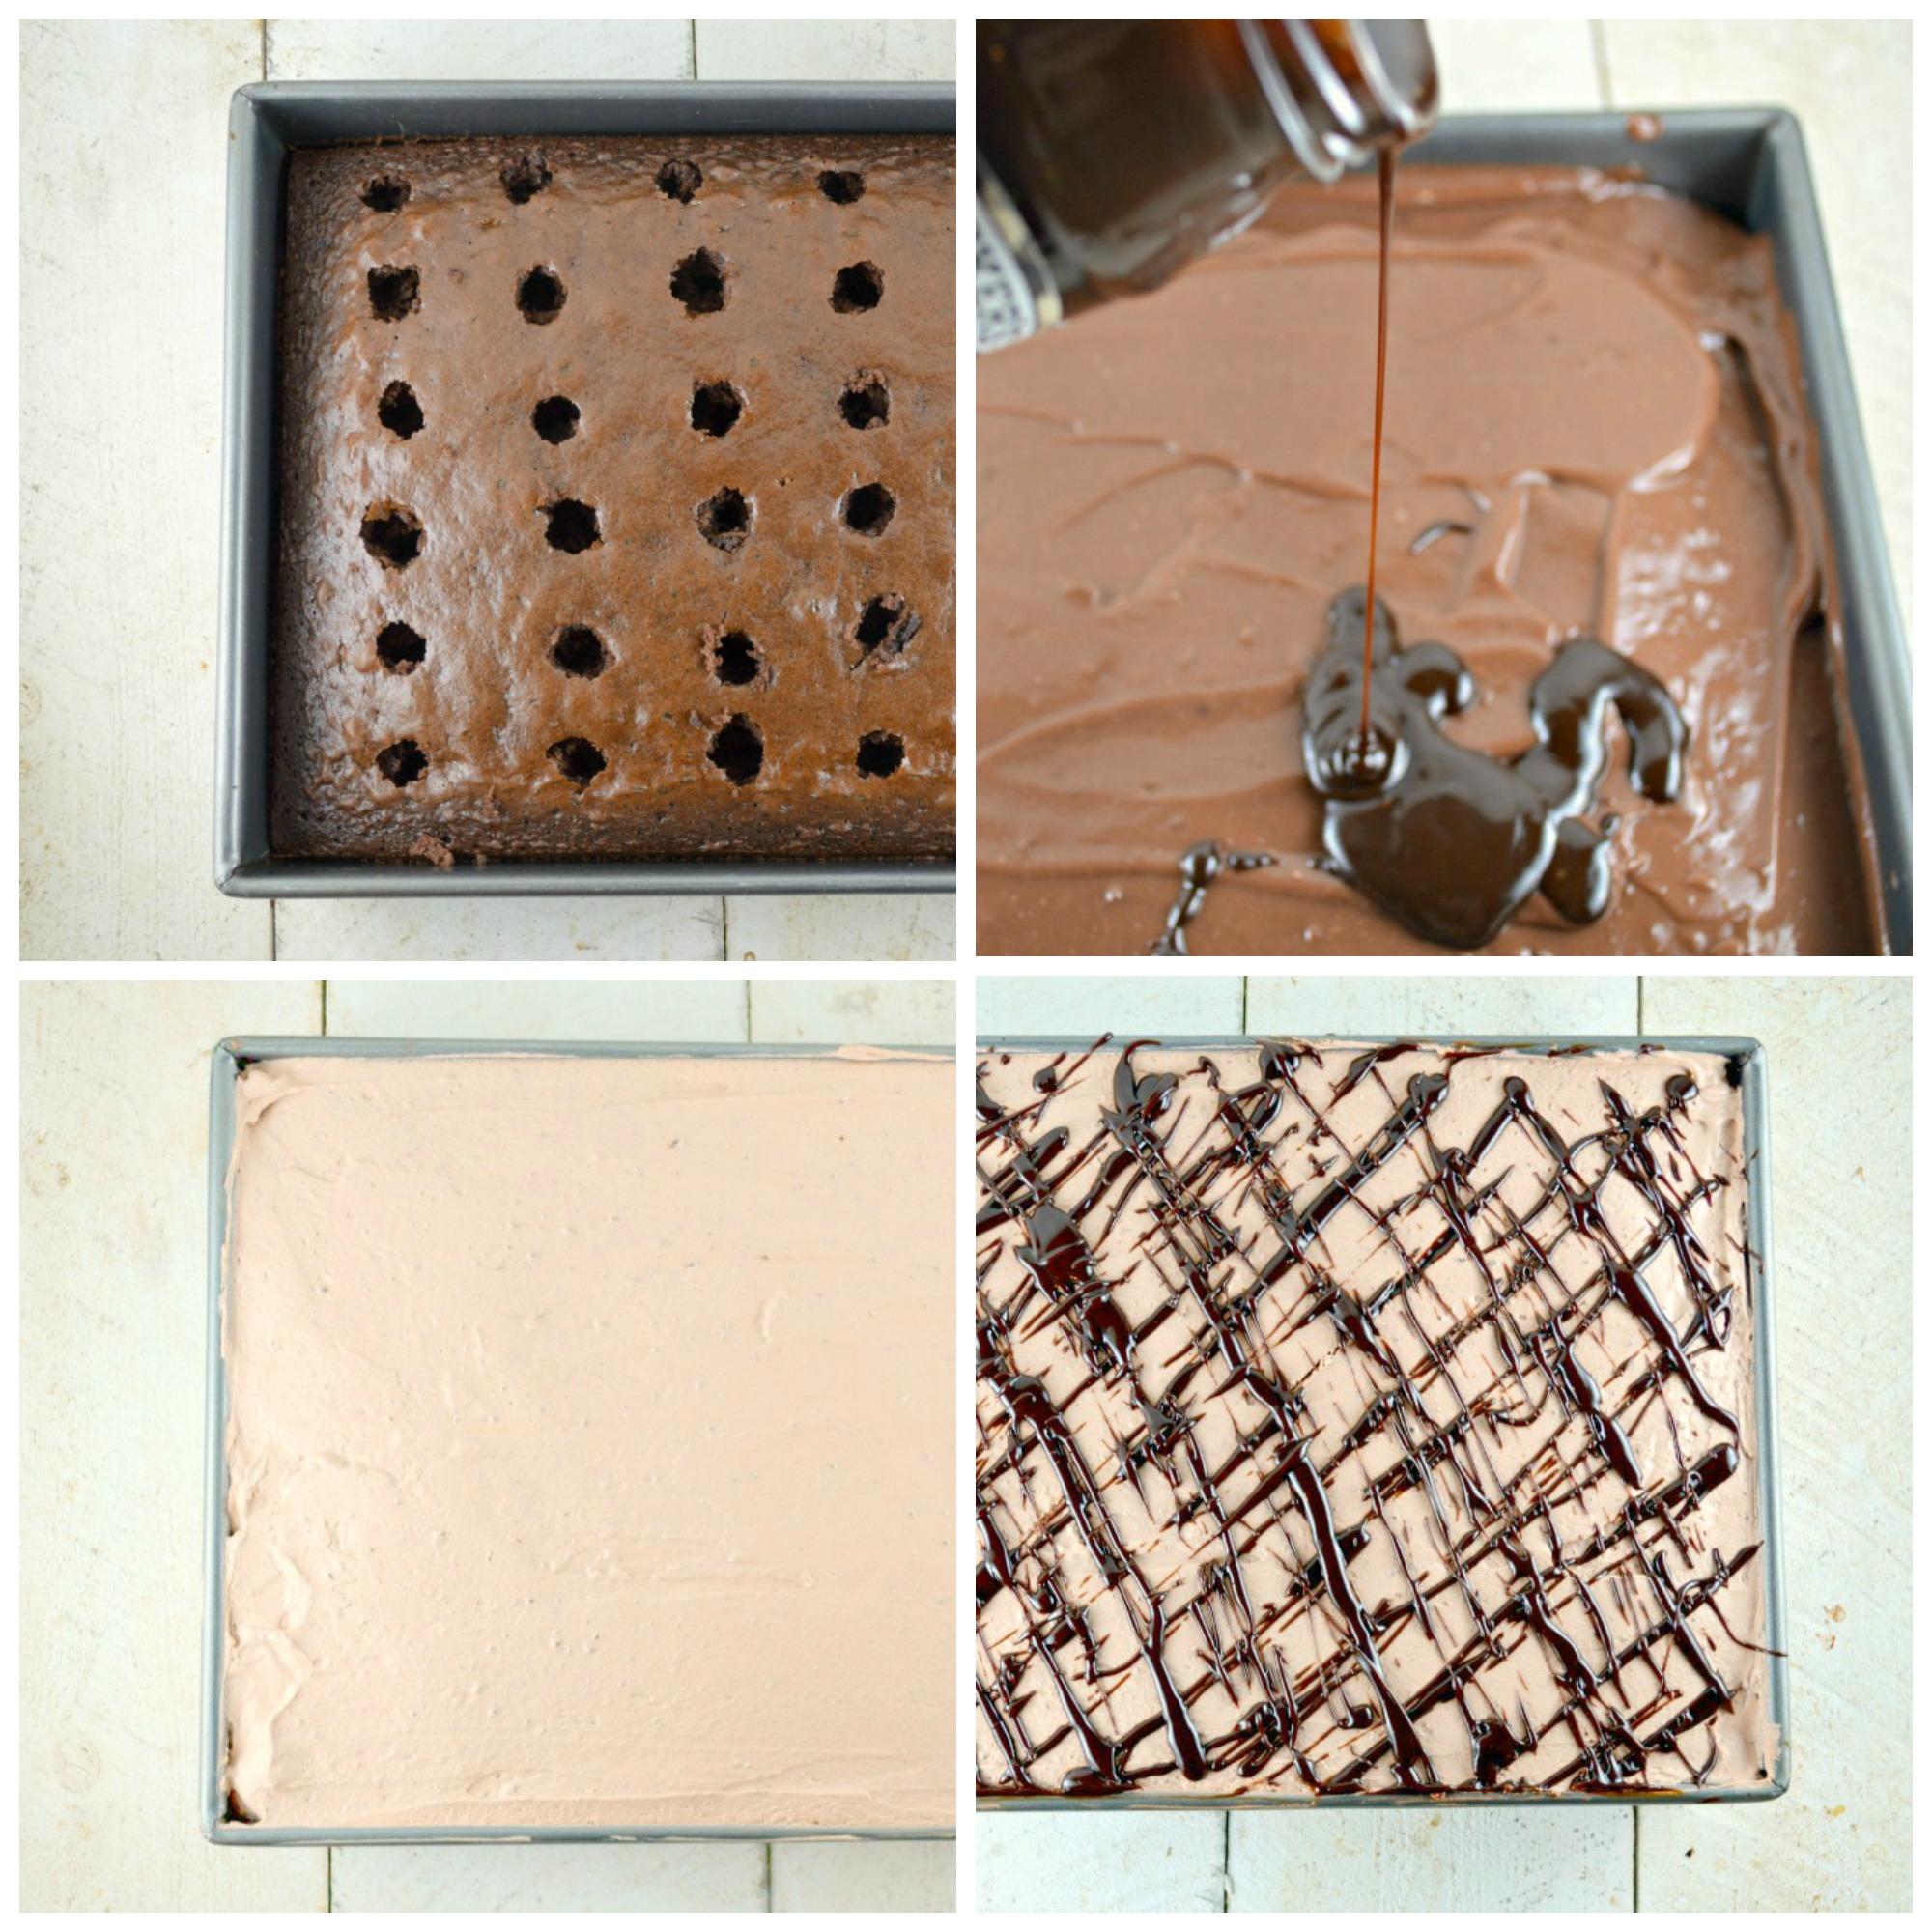 Quadruple Chocolate Poke Cake aka Death By Chocolate Poke Cake ...